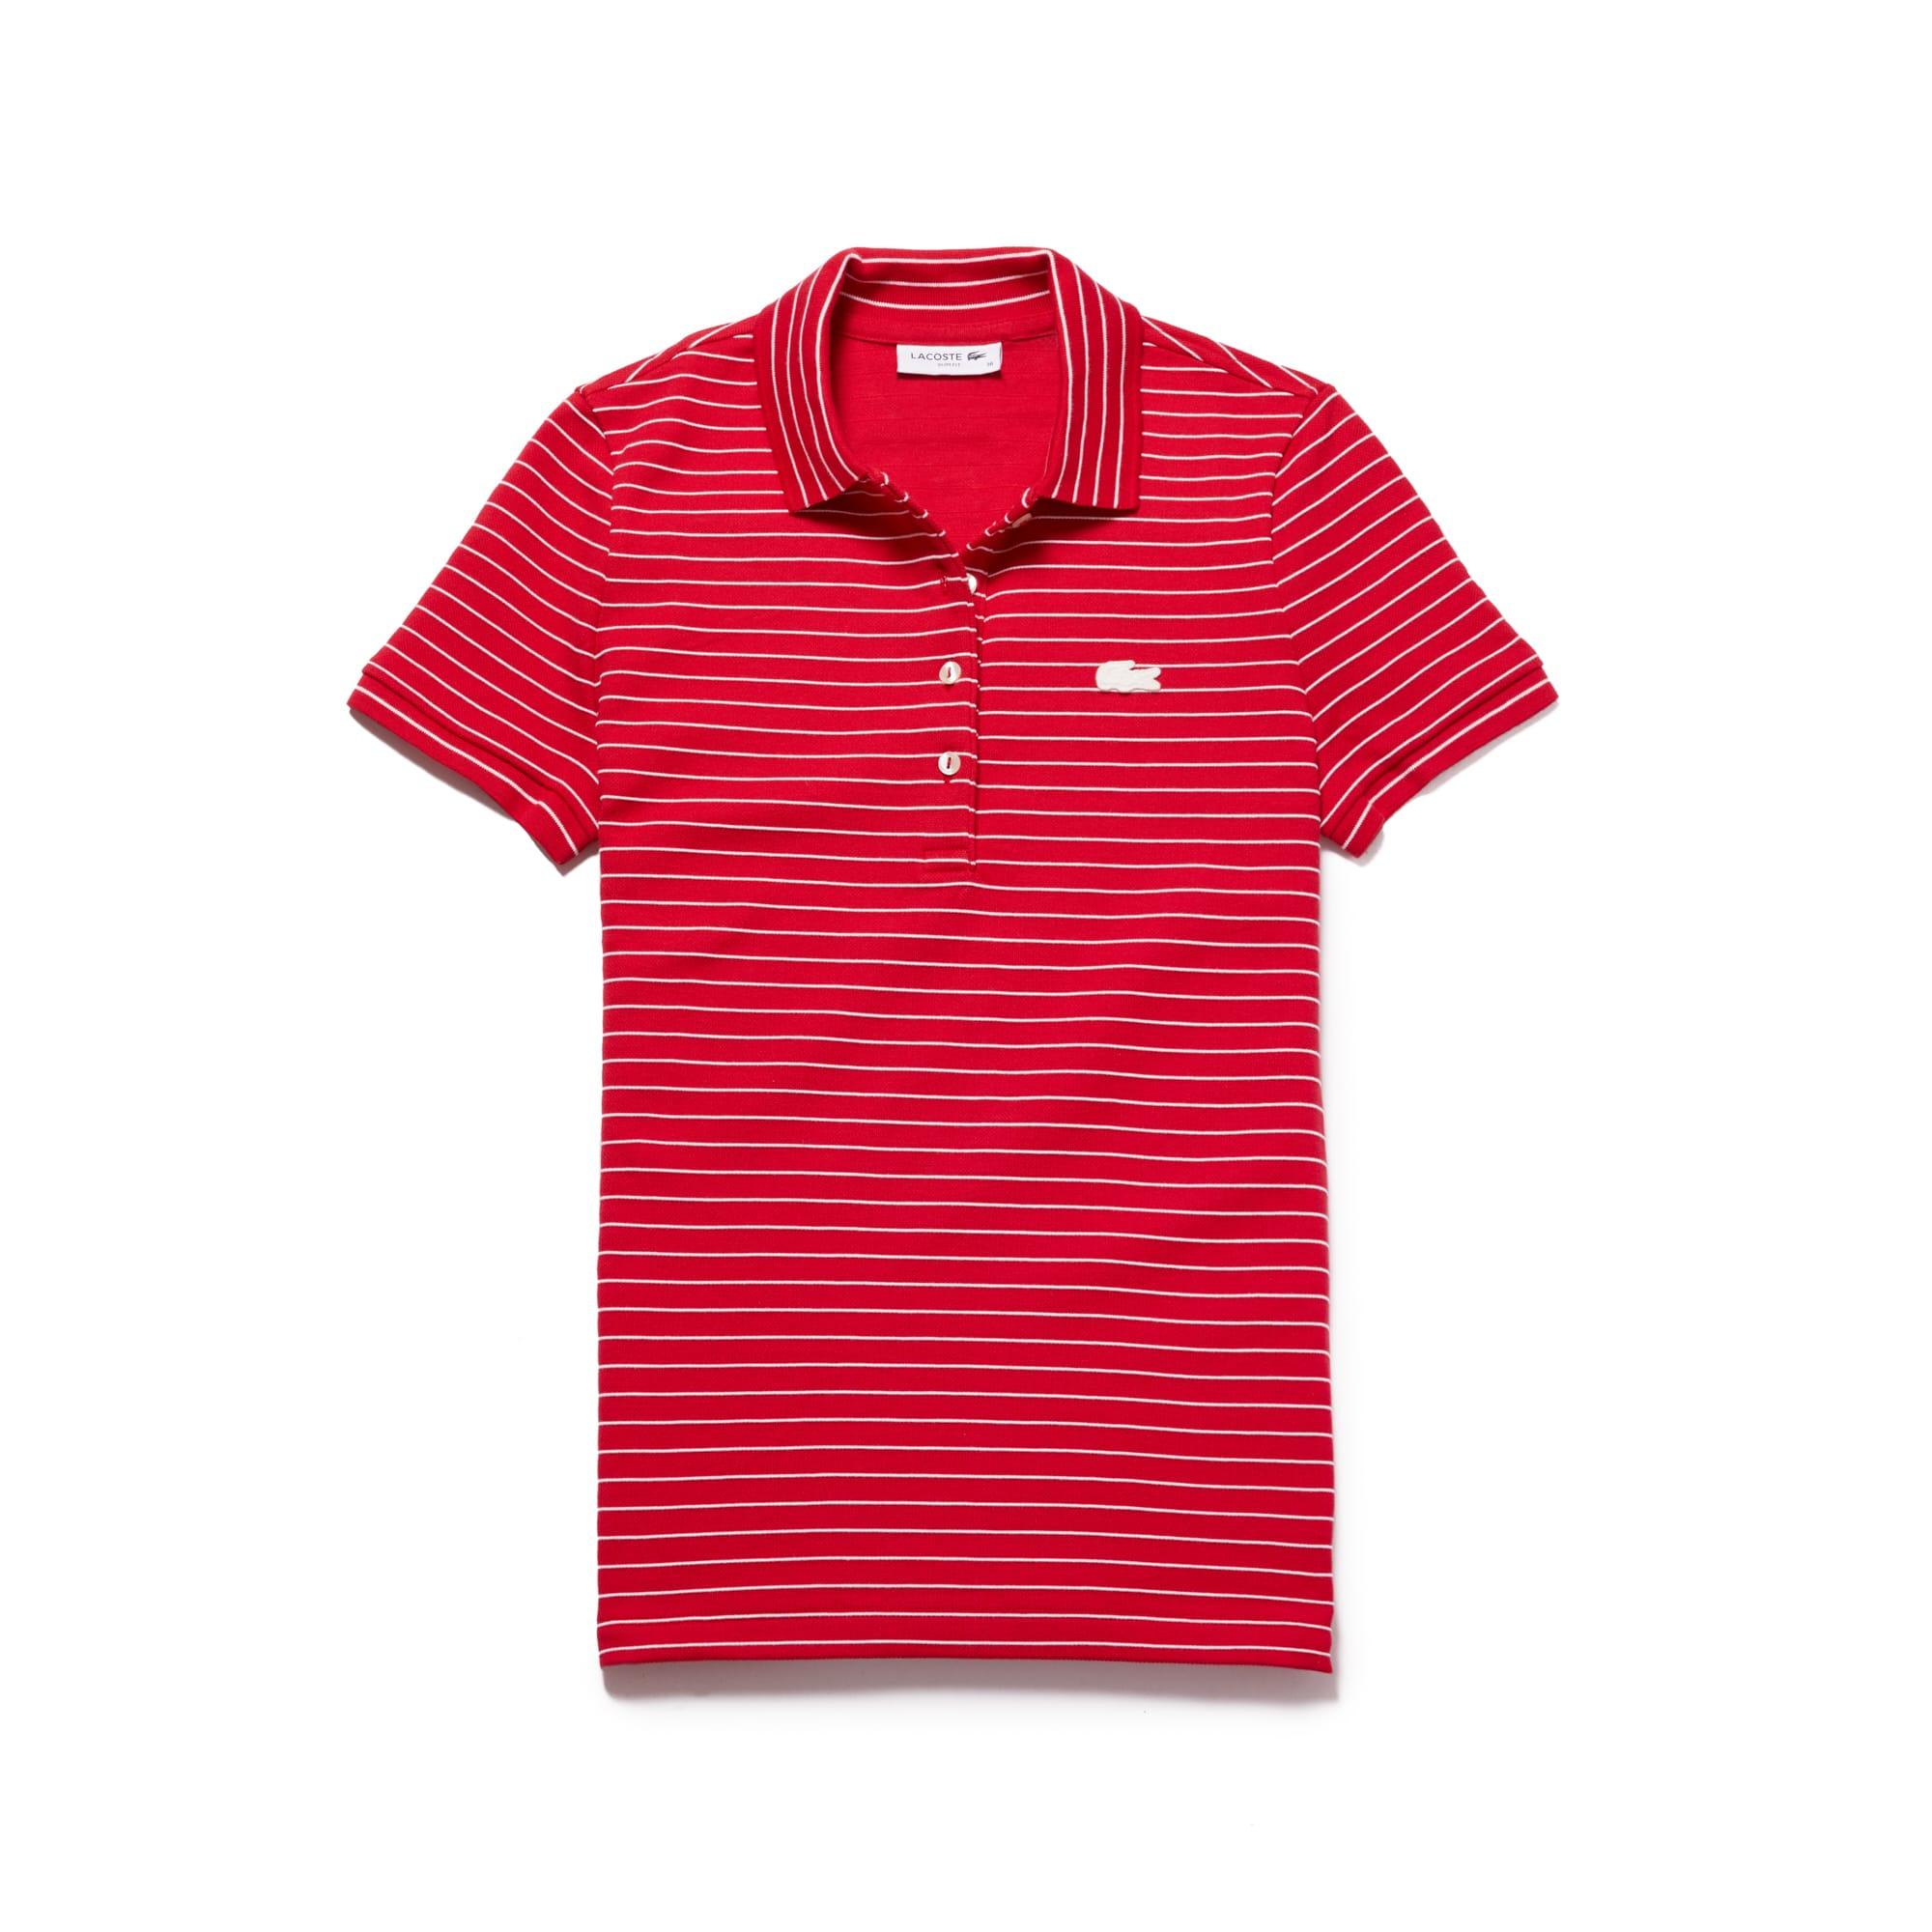 라코스테 반팔 카라티 Lacoste Womens Slim Fit Striped Stretch Cotton Mini Pique Polo,imperial red/flour